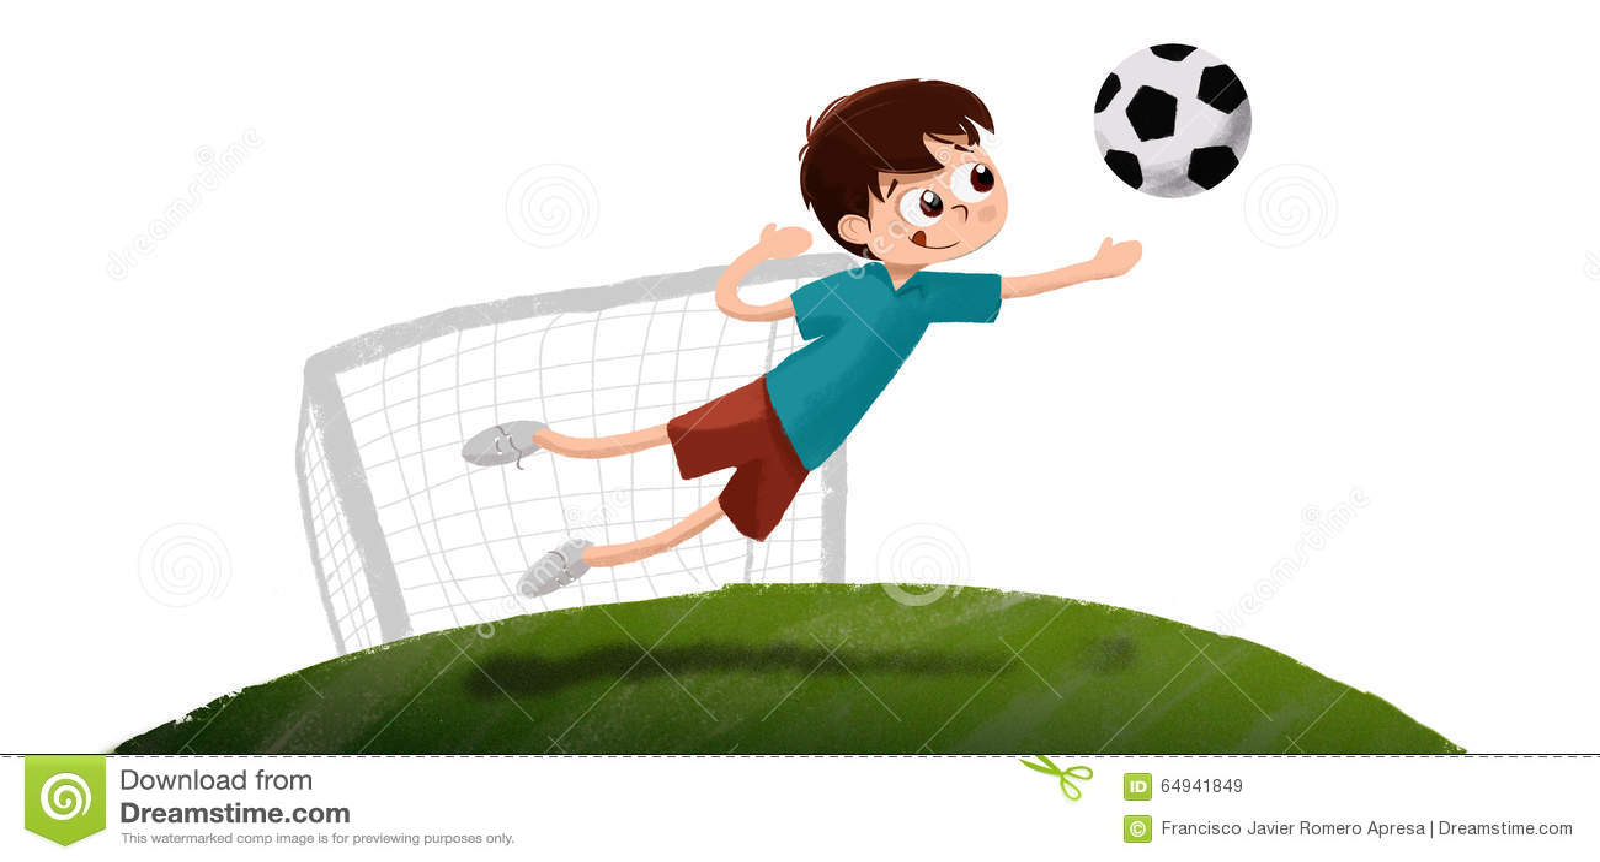 Dessin de gar on jouant le gardien de but du football - Gardien de but dessin ...